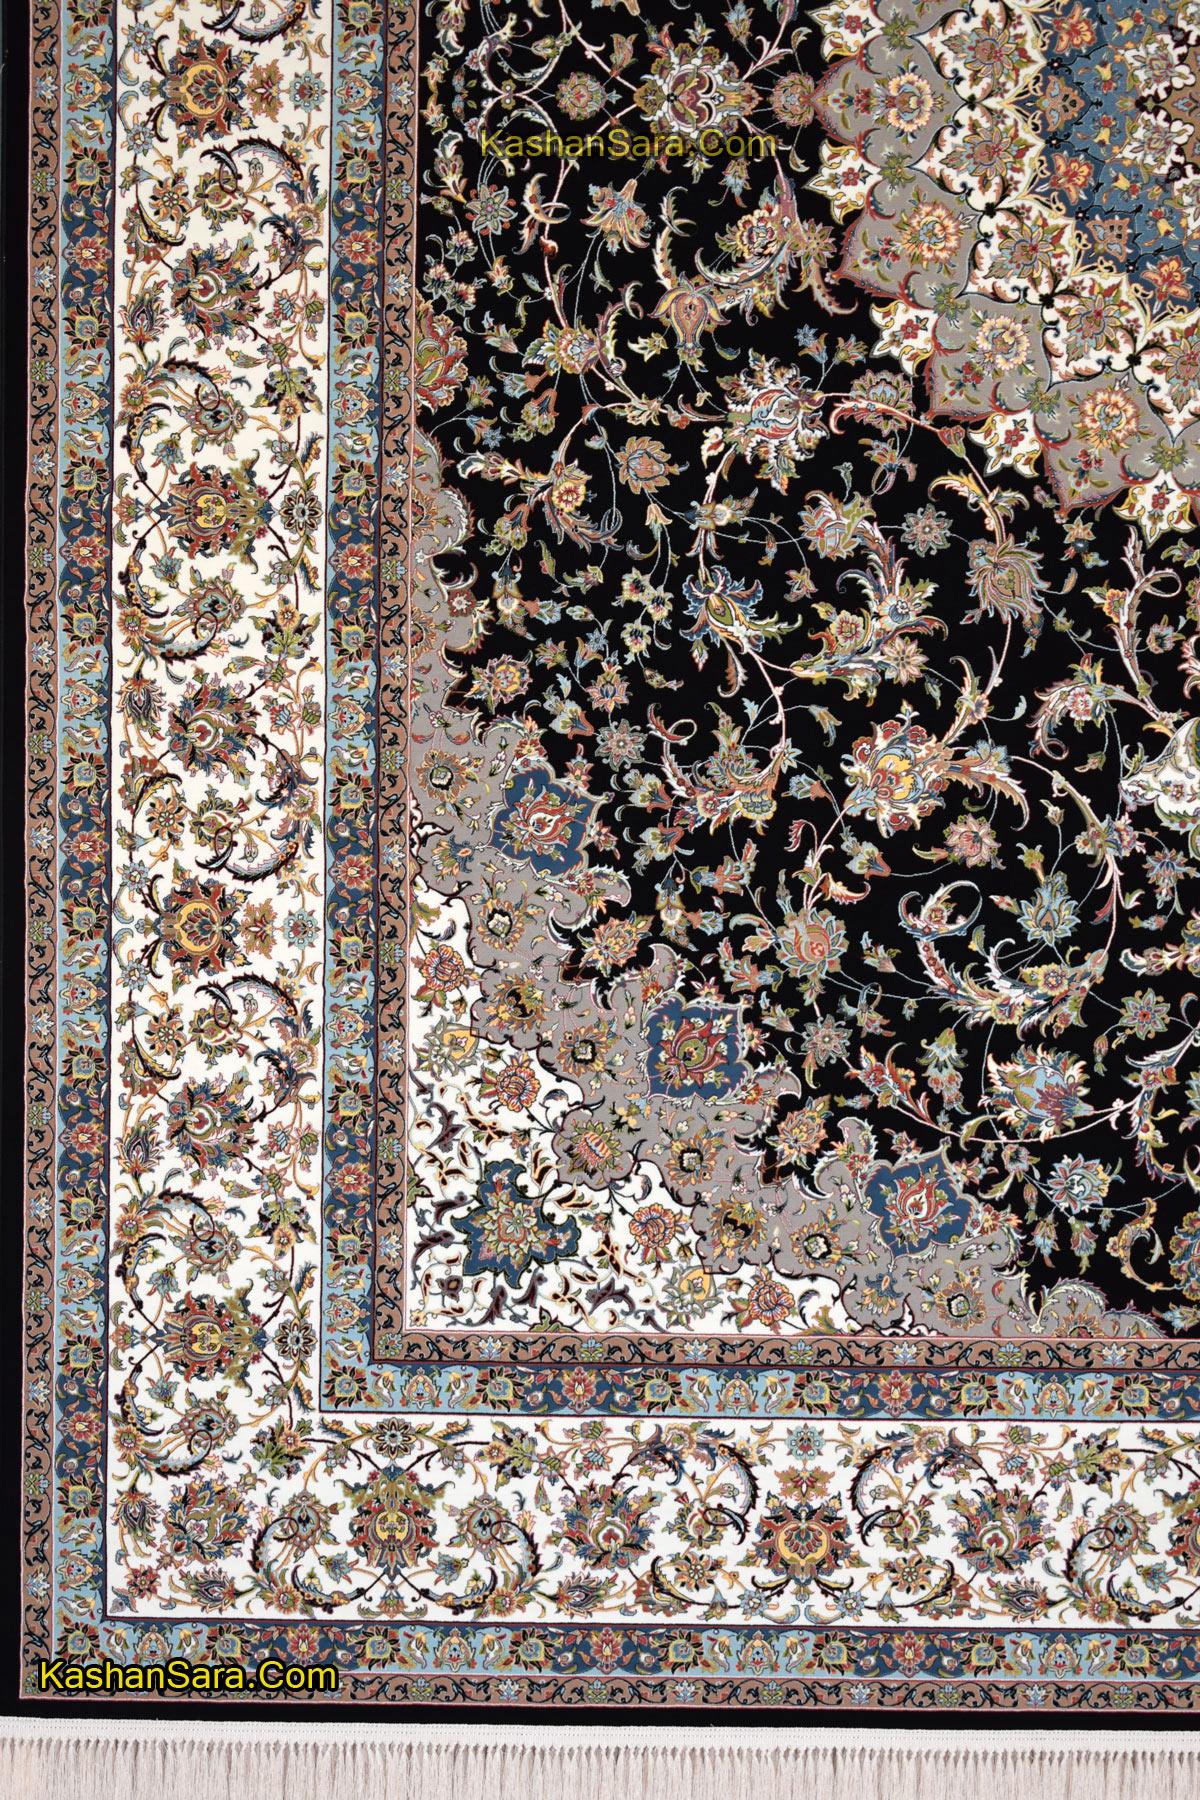 فروش فرش ماشینی ۱۲۰۰ شانه اصفهان